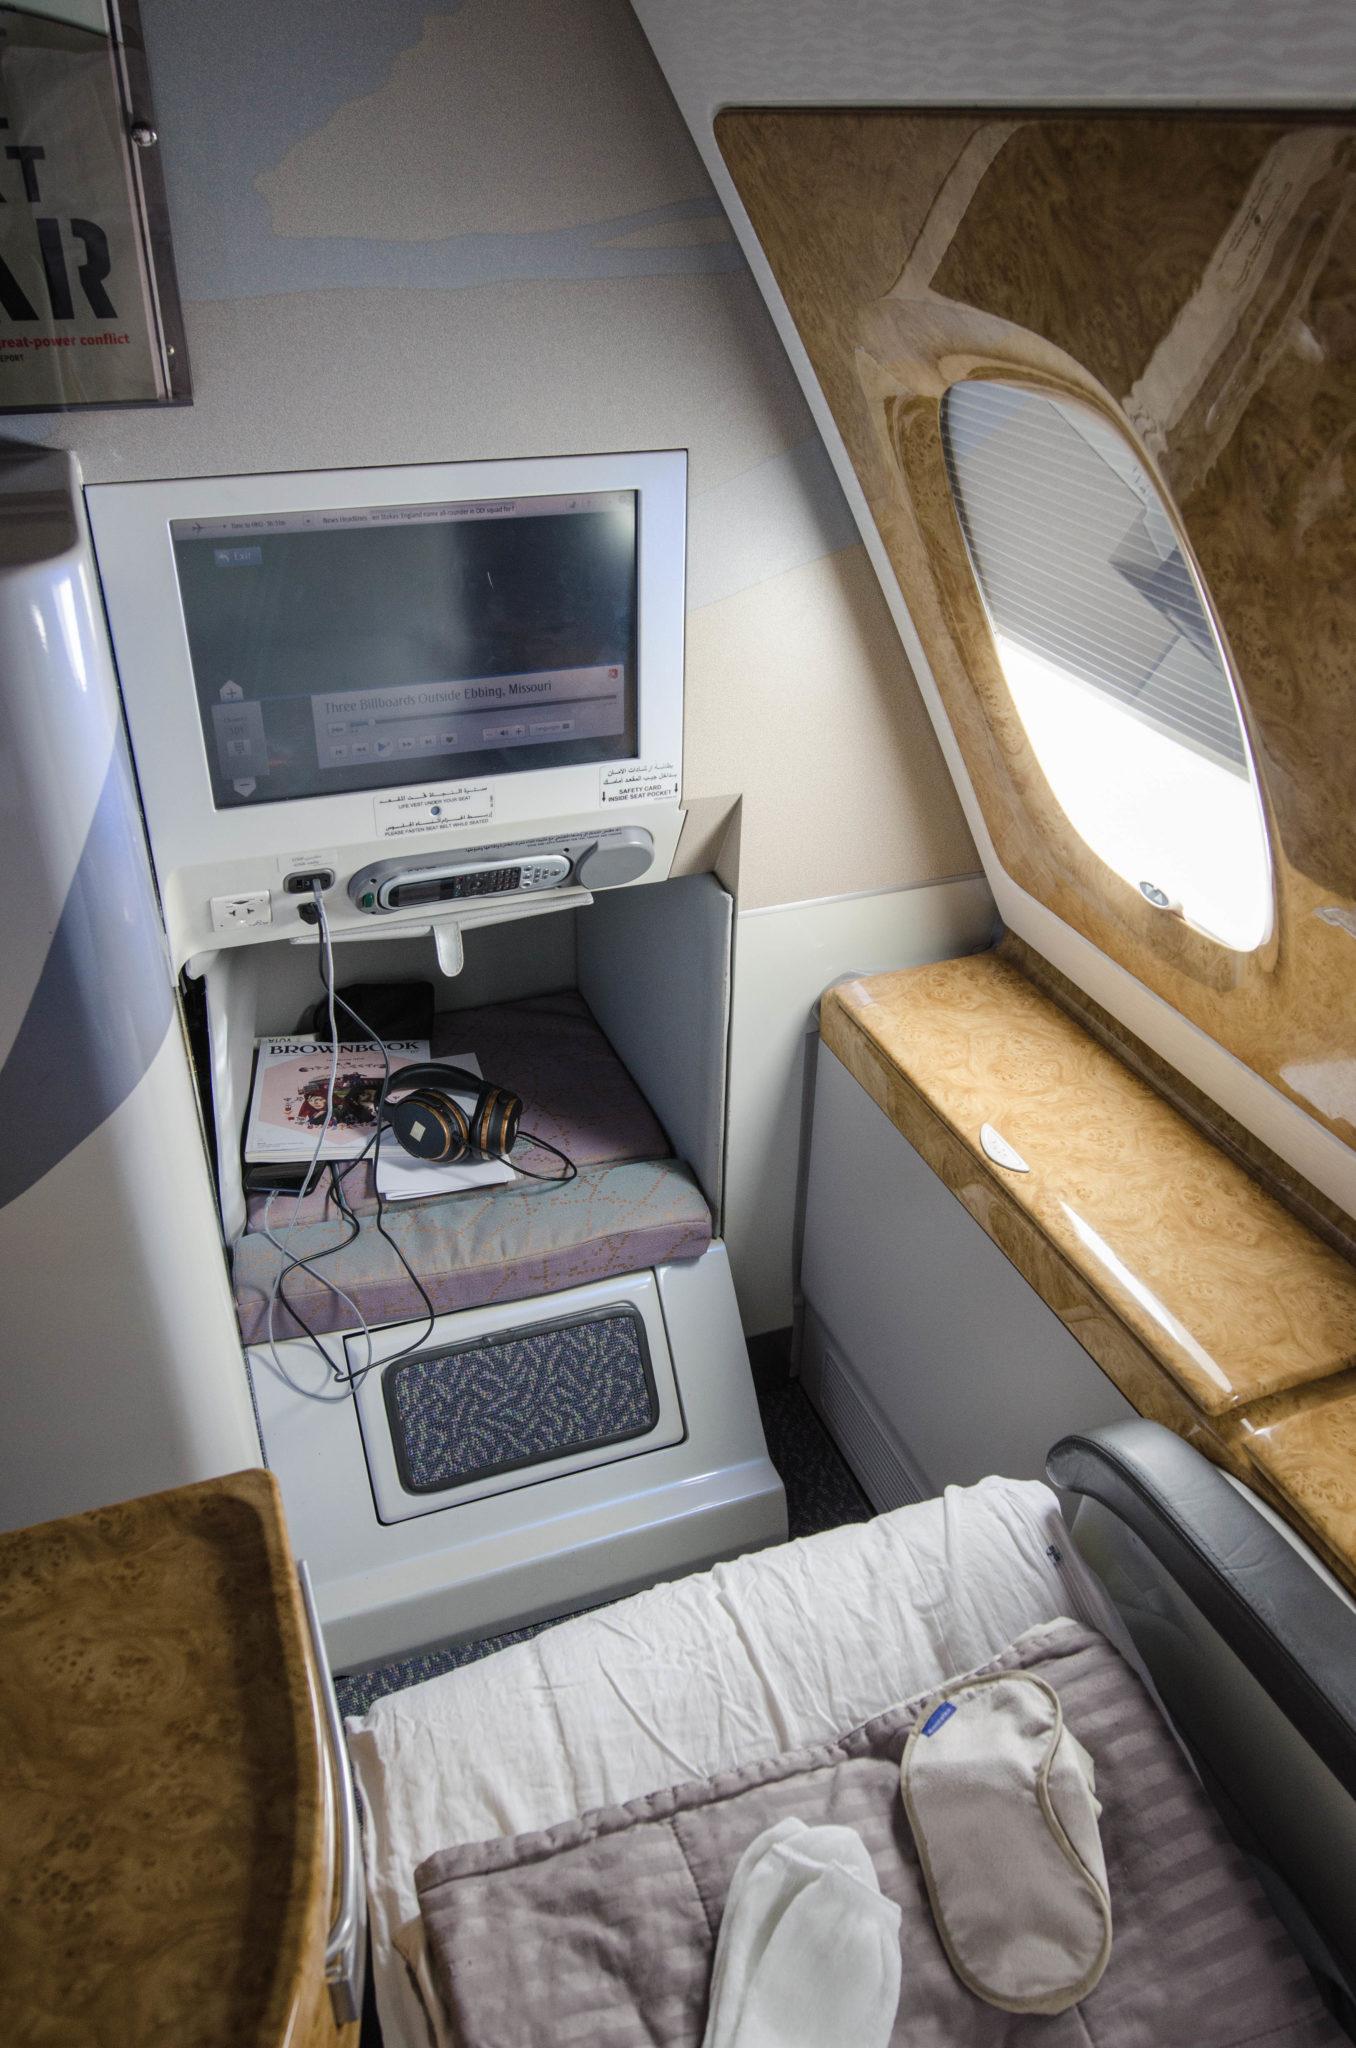 Die Fußablage und Staufächer an der Seite bieten in der Emirates Business Class viel Platz zum Verstauen